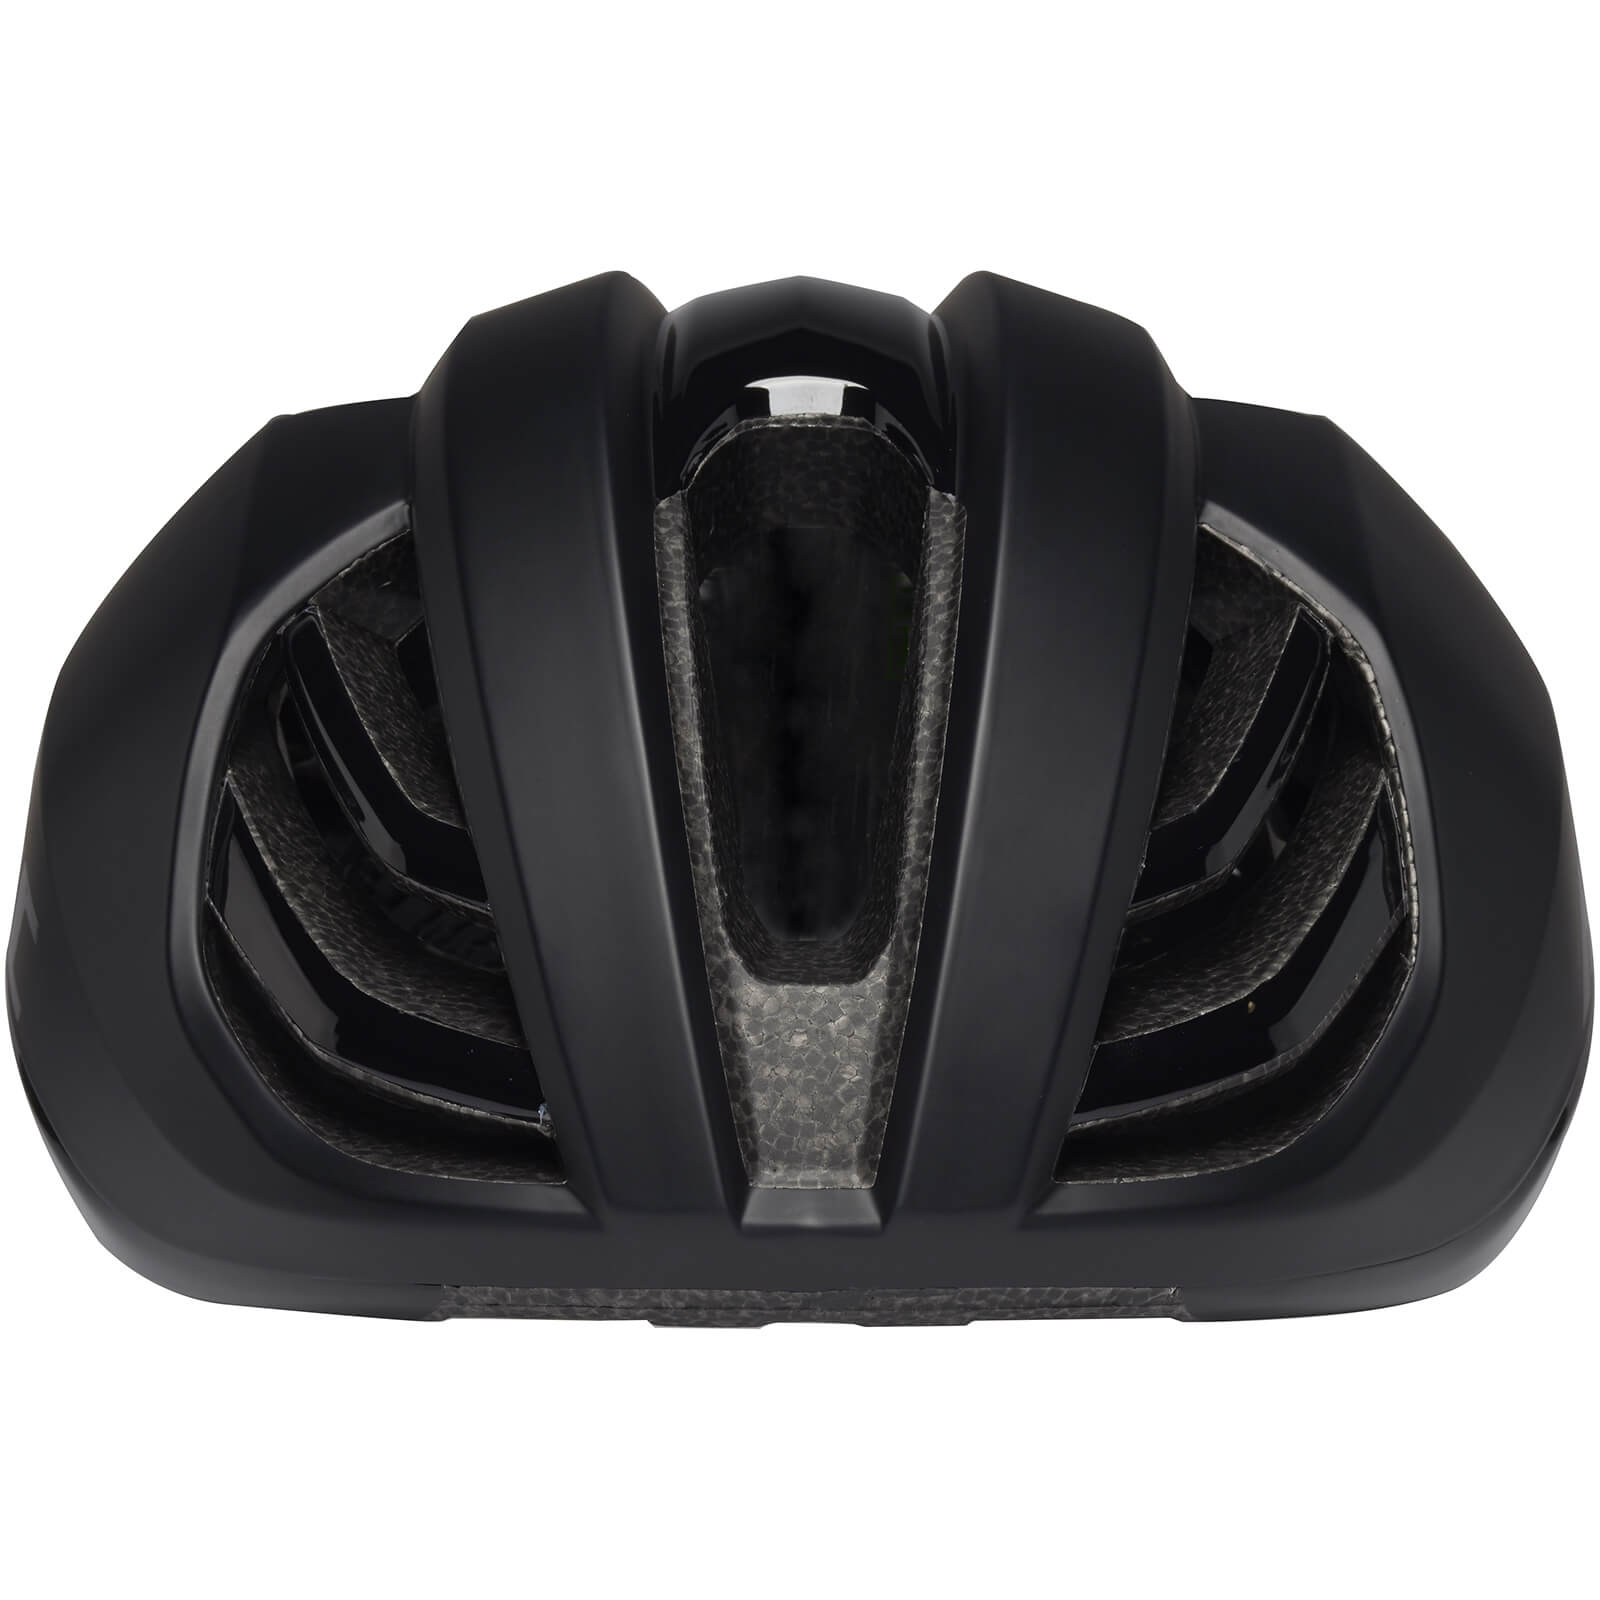 Image of HJC Atara Helmet - Black - S, Black